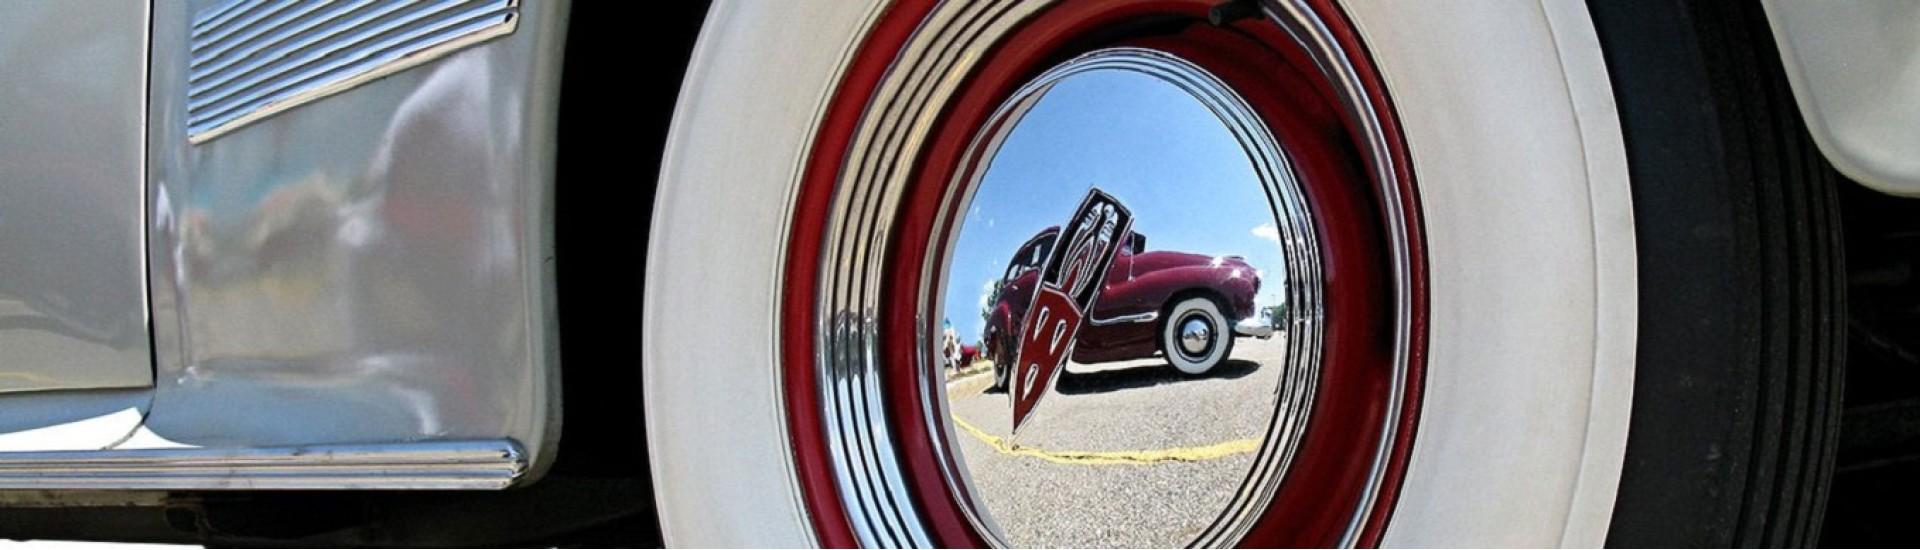 رینگ چرخ کلاسیک ، classic / retro wheels & rims